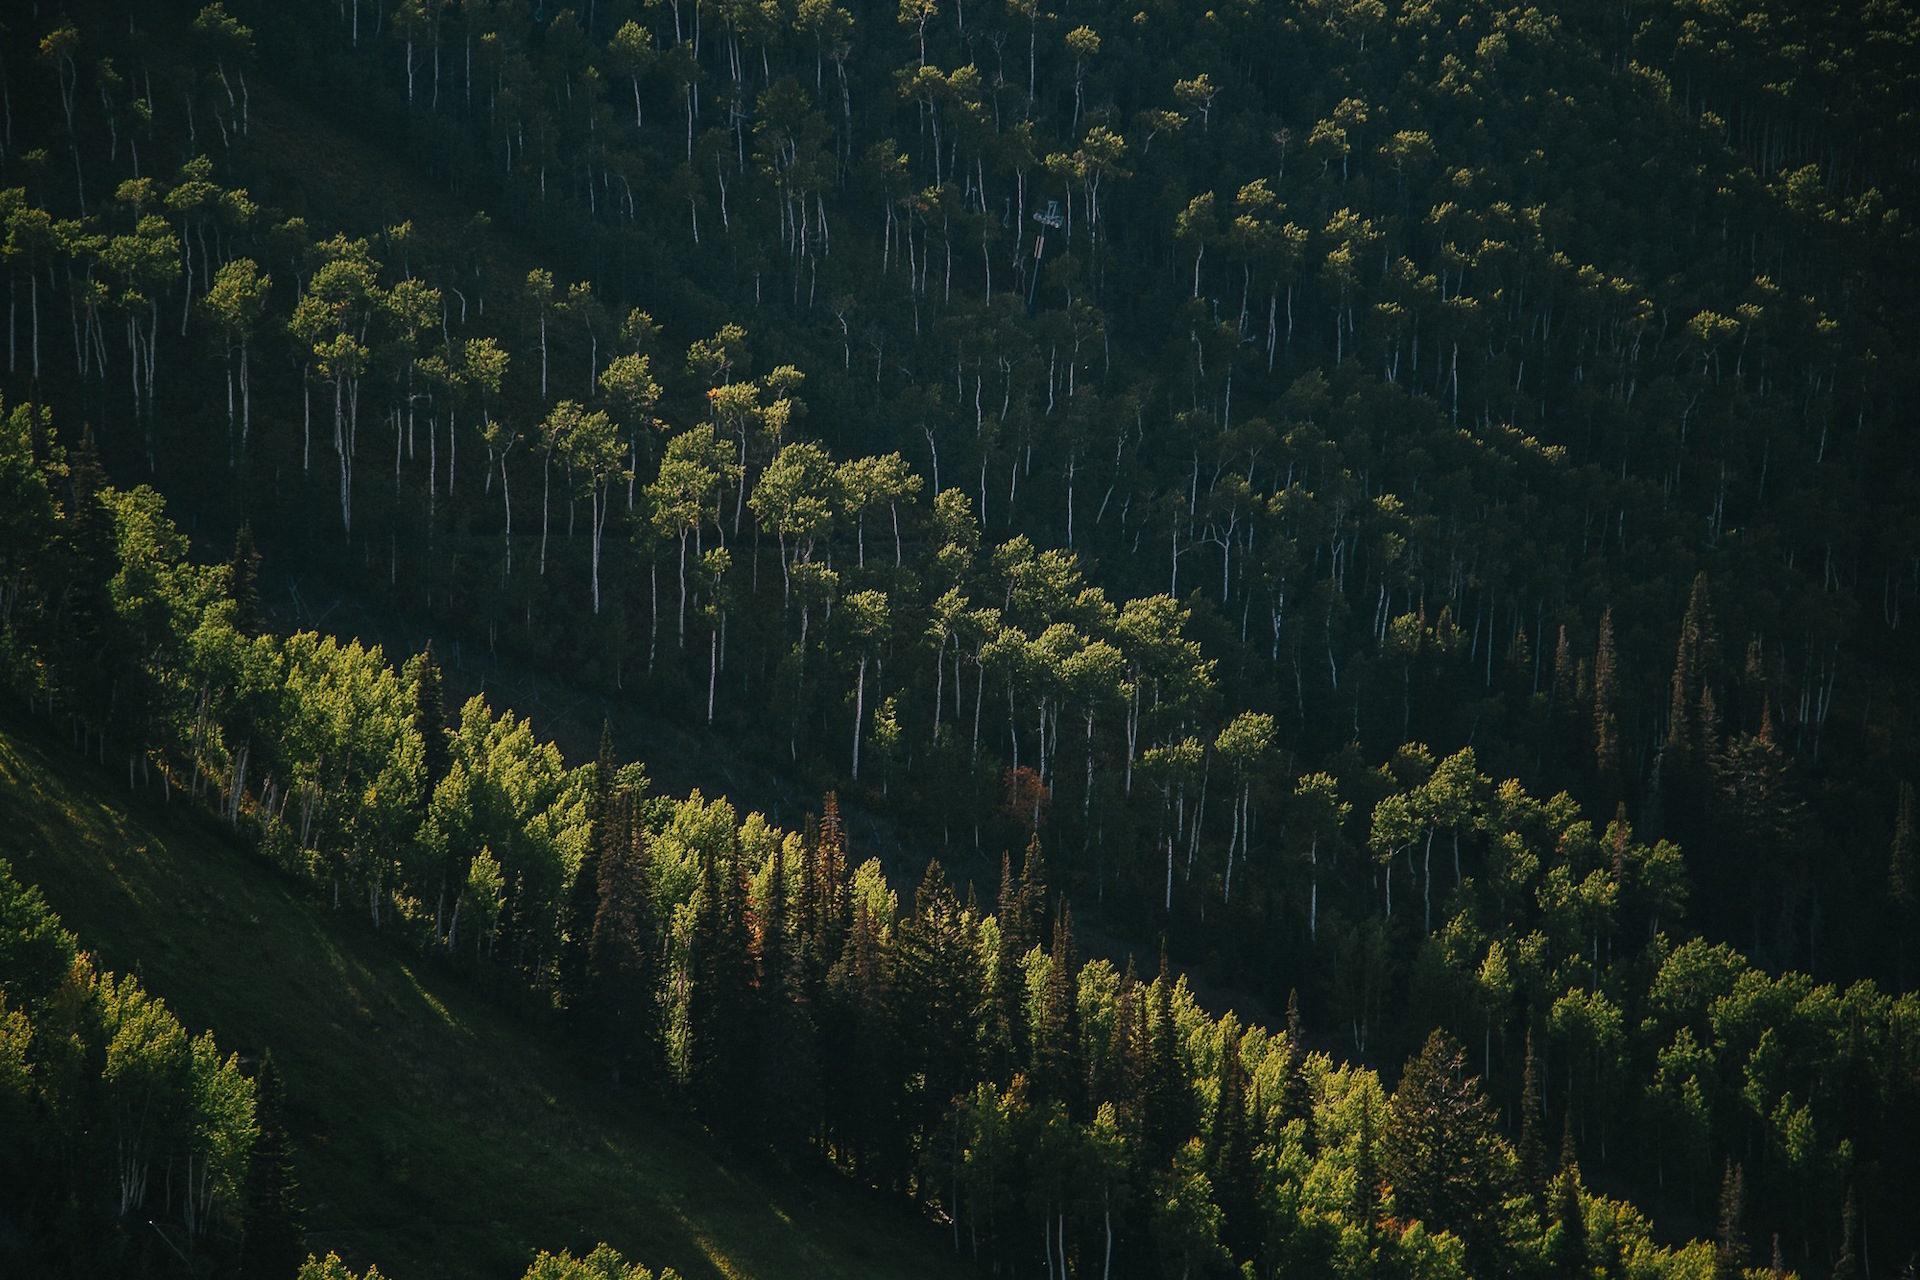 Forest, arbres, mauvaises herbes, écosystème, Vert - Fonds d'écran HD - Professor-falken.com